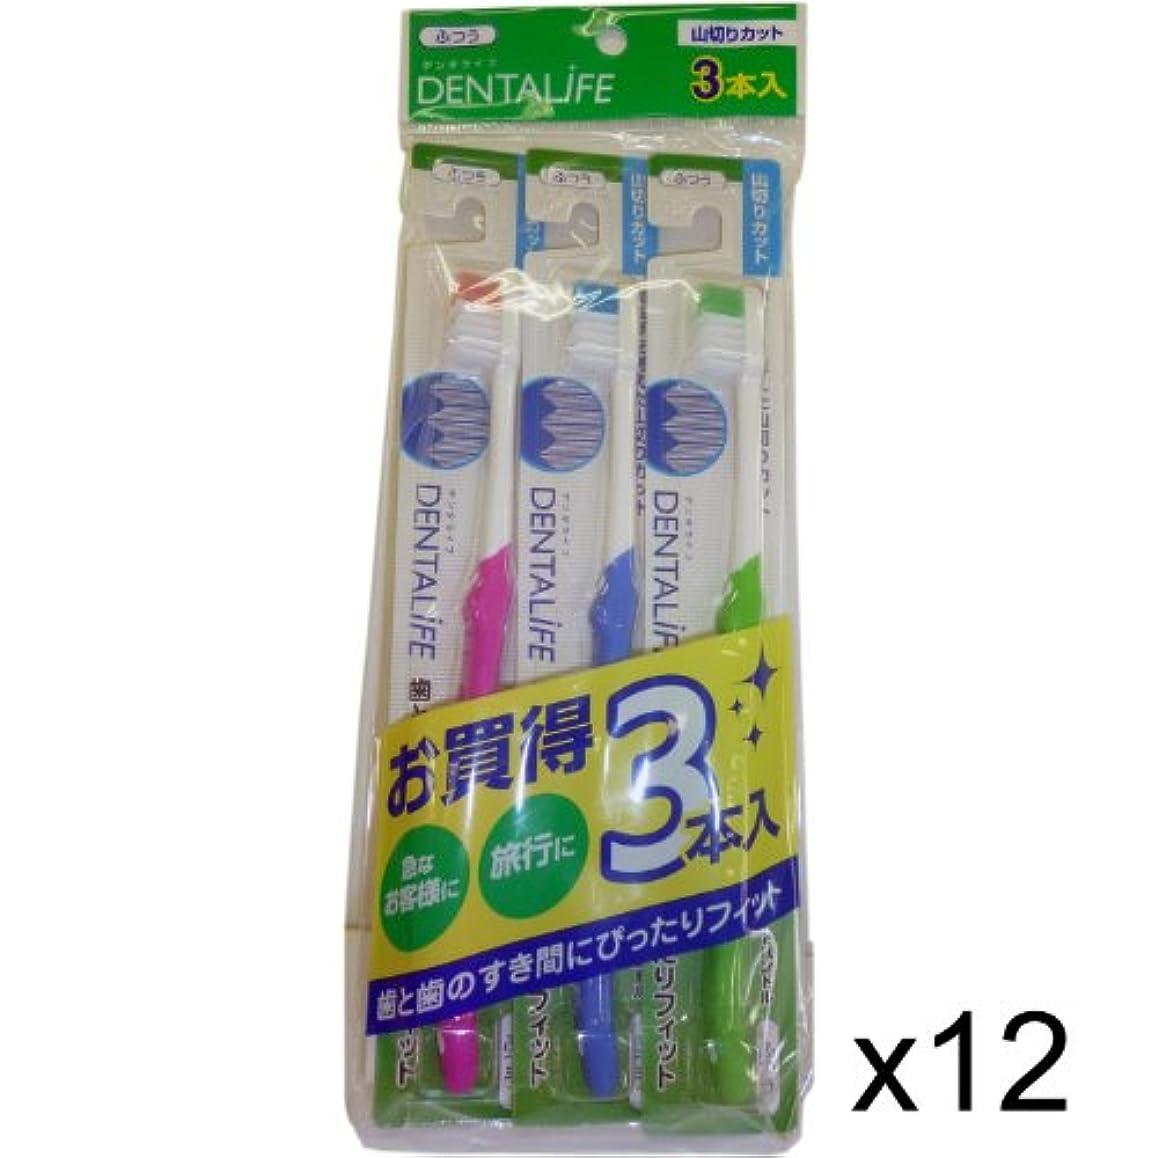 作物町大通りお徳用 DELTALIFE(デンタライフ)山切り歯ブラシ ふつう 3P×12ヶセット(36本)